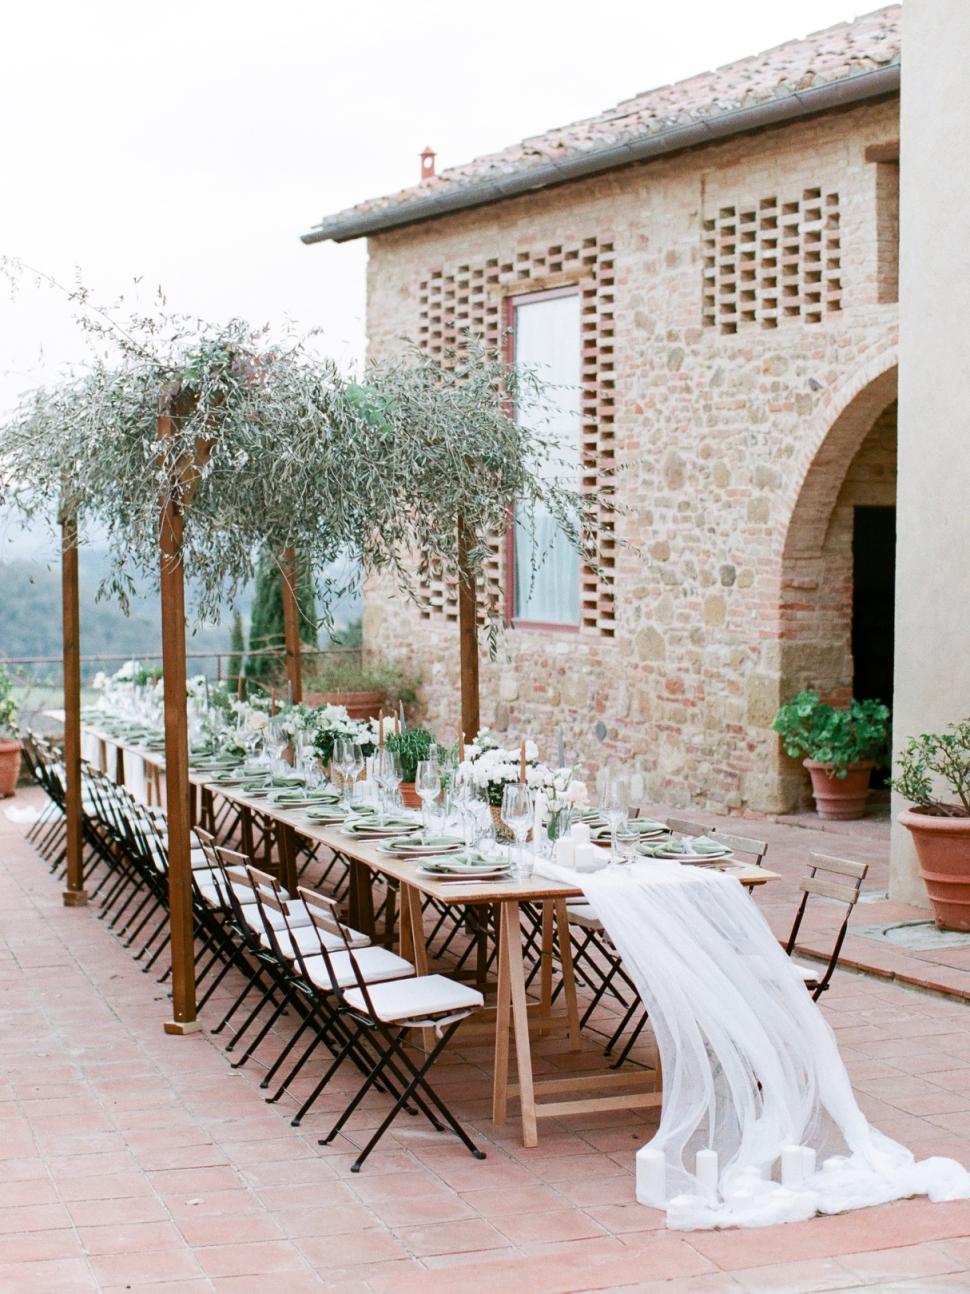 Tuscany-Destination-Wedding-Photographer-Cassi-Claire-Borgo-Petrognano-Florence-Wedding-34.jpg